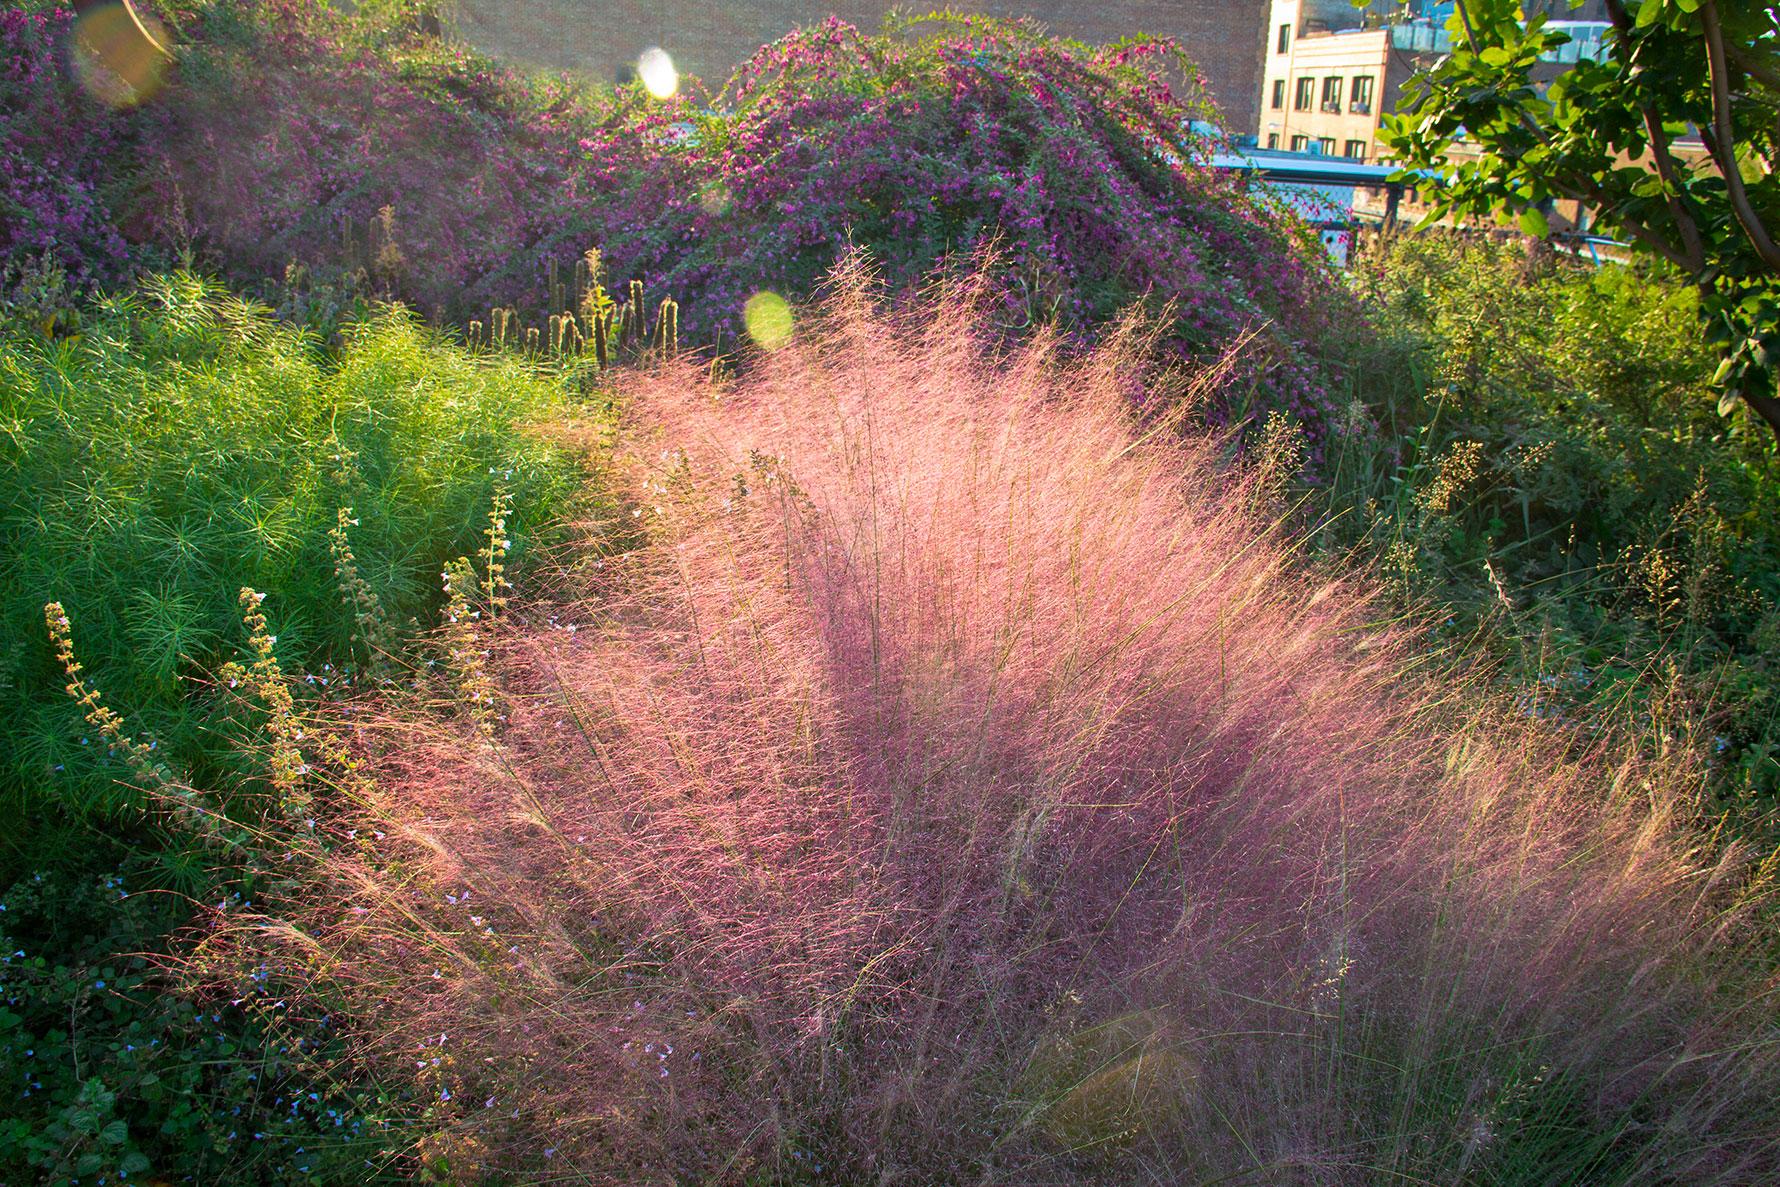 Pink grass stalks